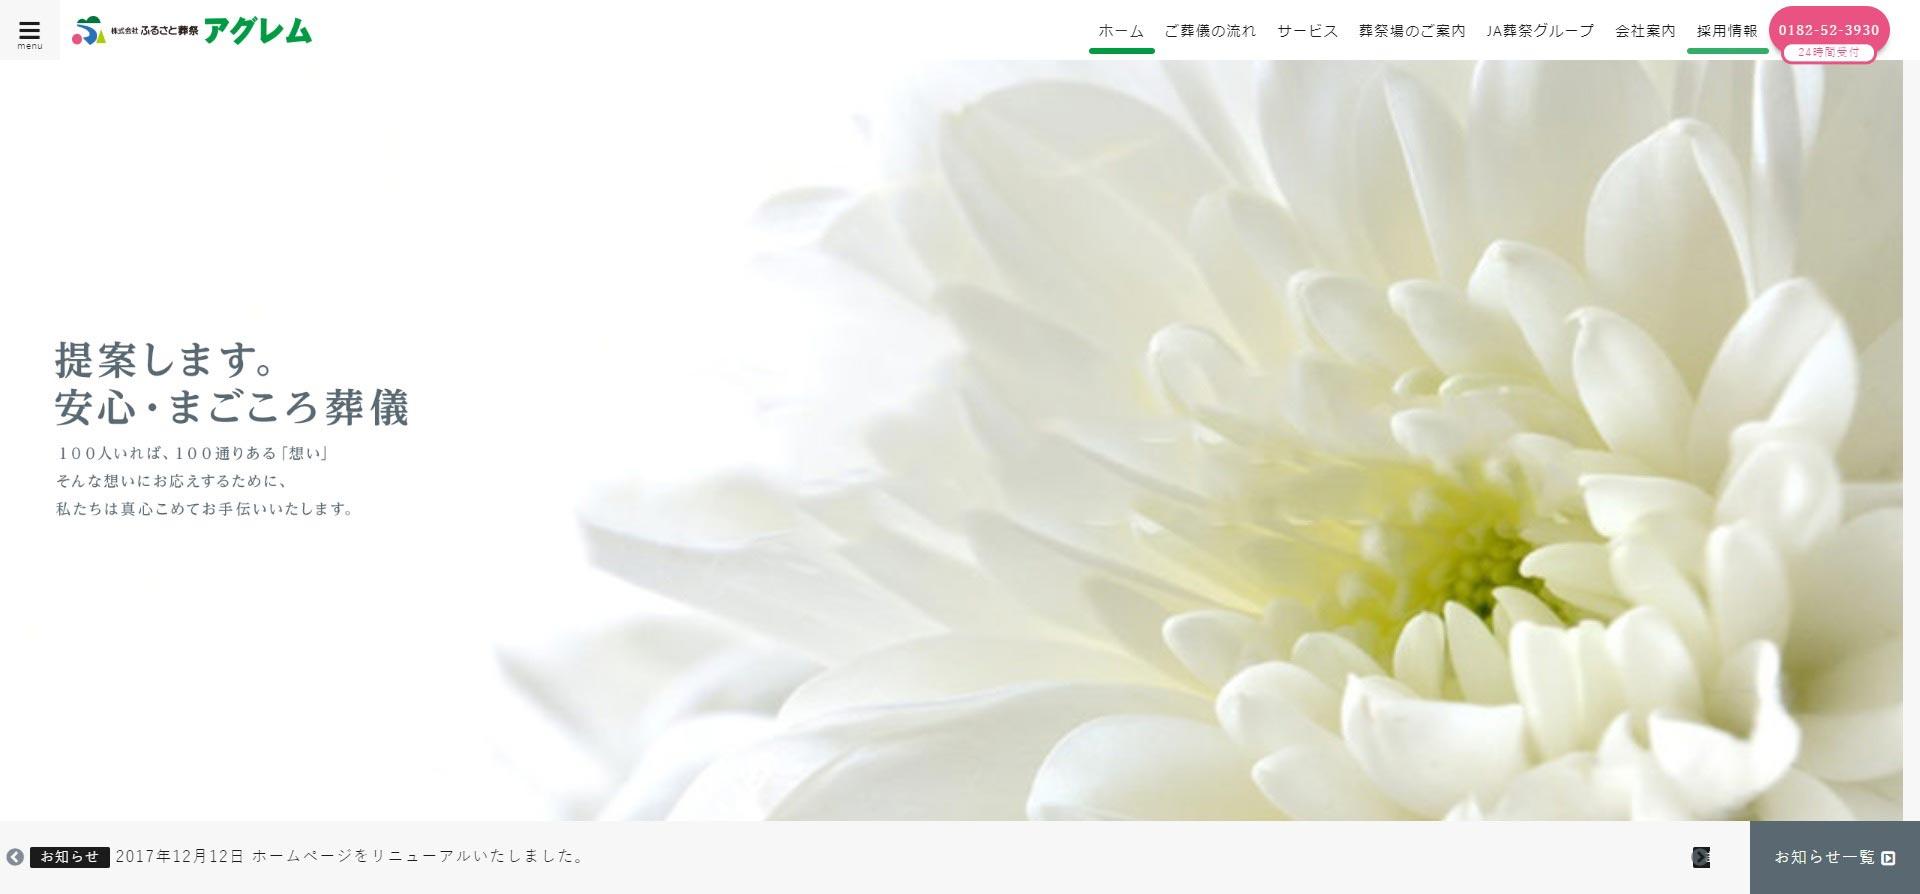 ふるさと葬祭アグレム様のサイトイメージ